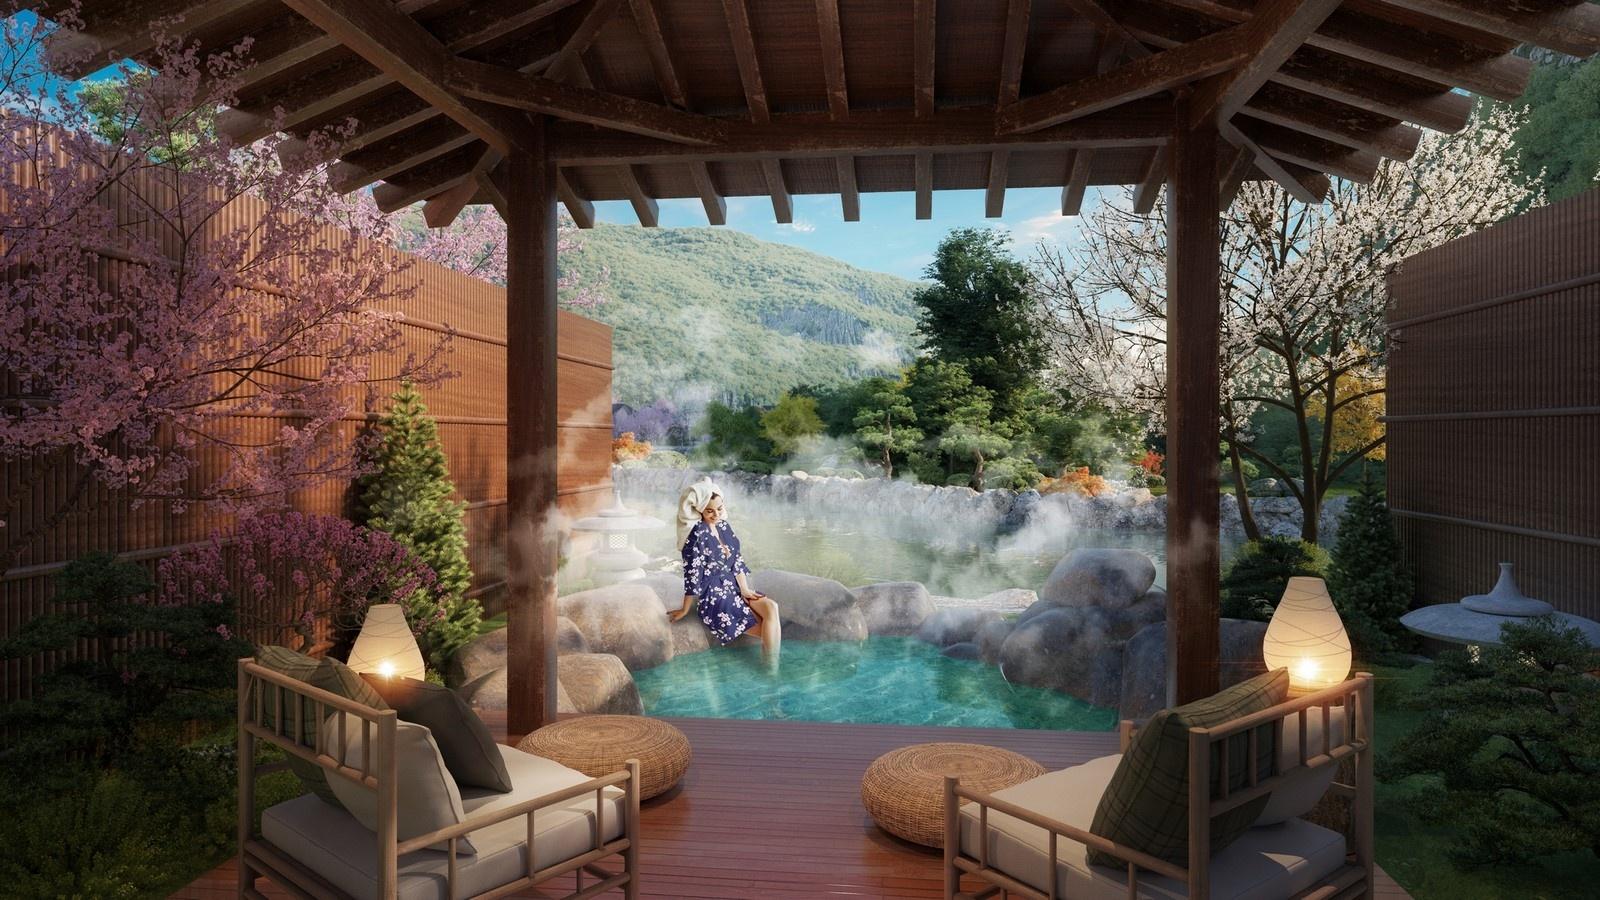 Suối khoáng nóng Quang Hanh - tâm điểm nghỉ dưỡng phía Bắc của giới thượng lưu 8